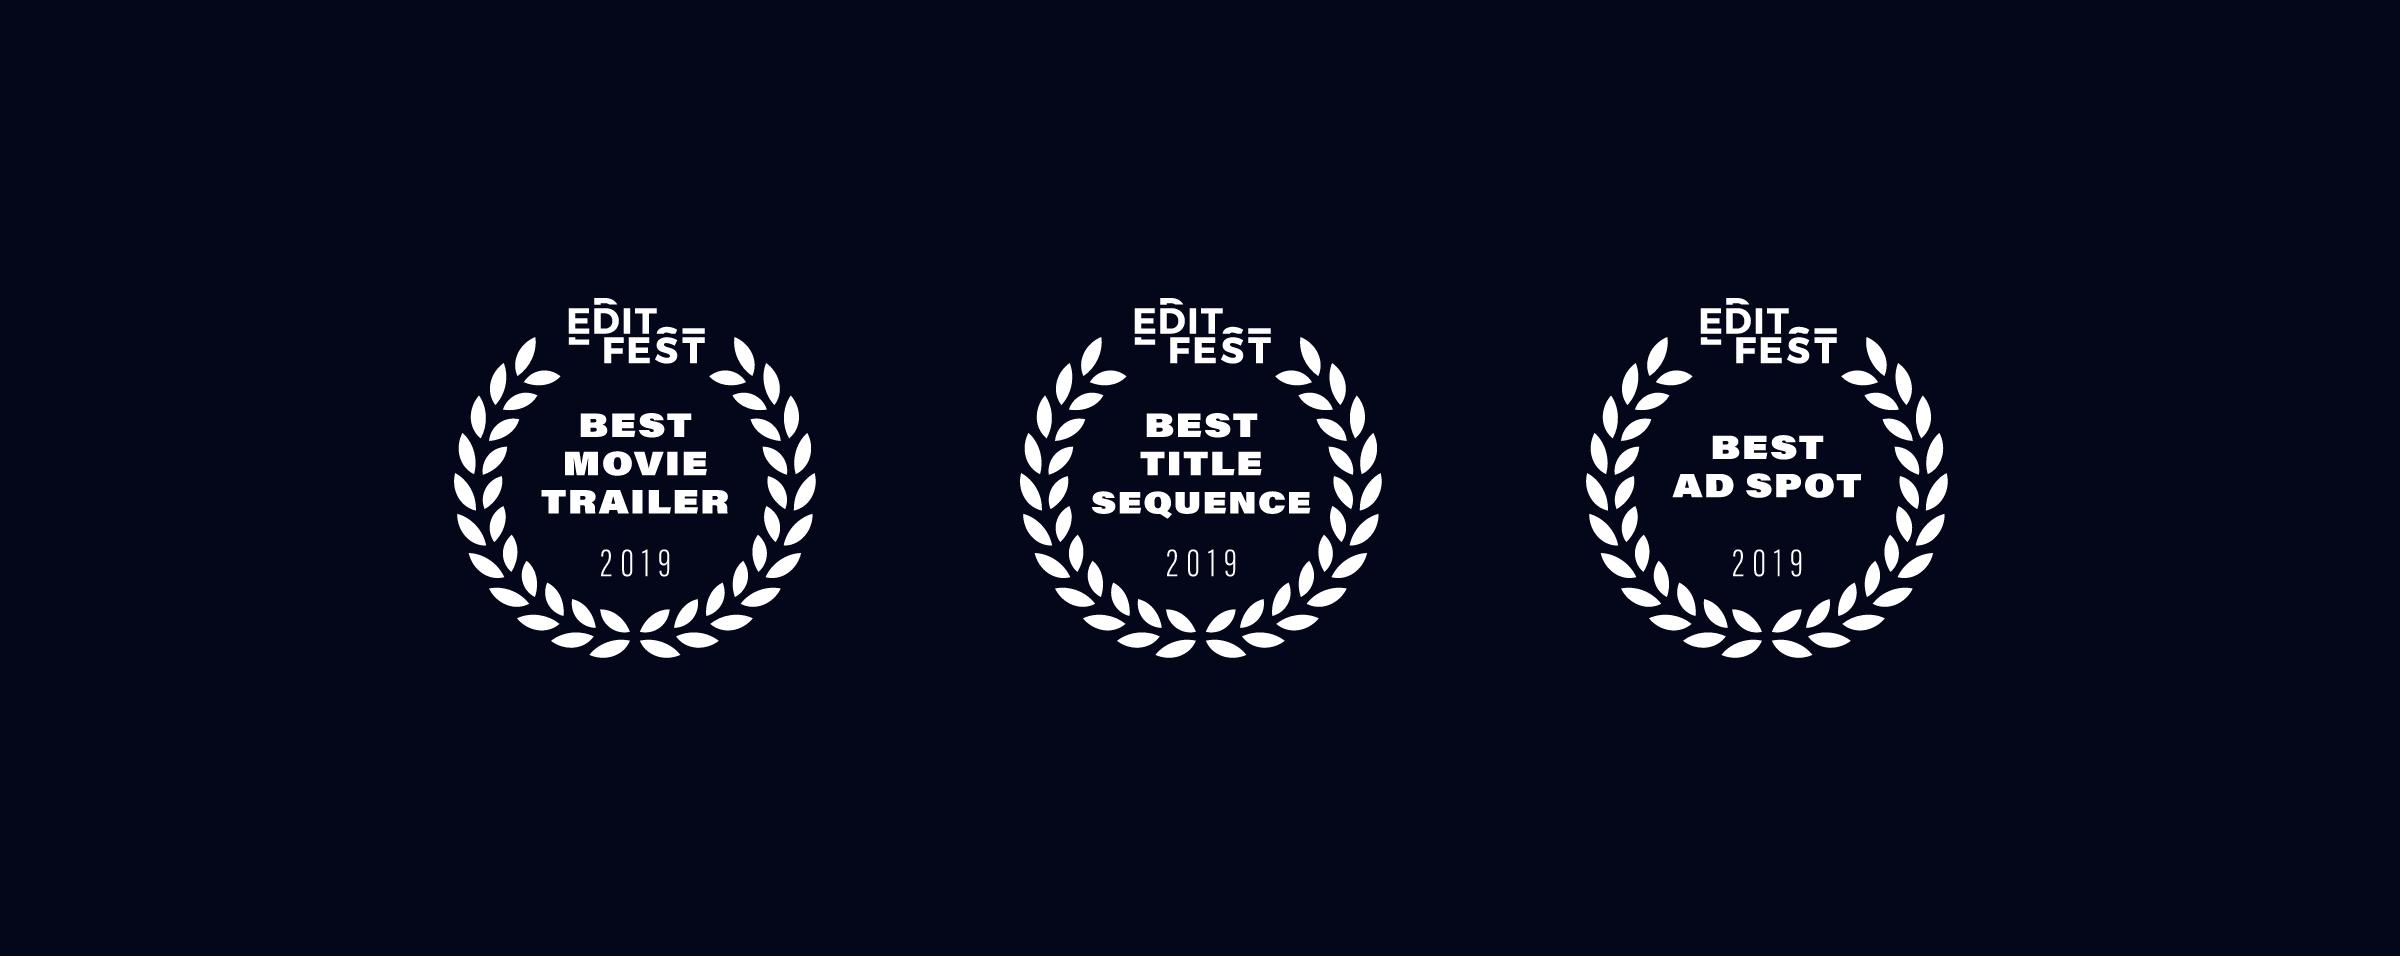 Filmsupply Edit Fest Winners Laures